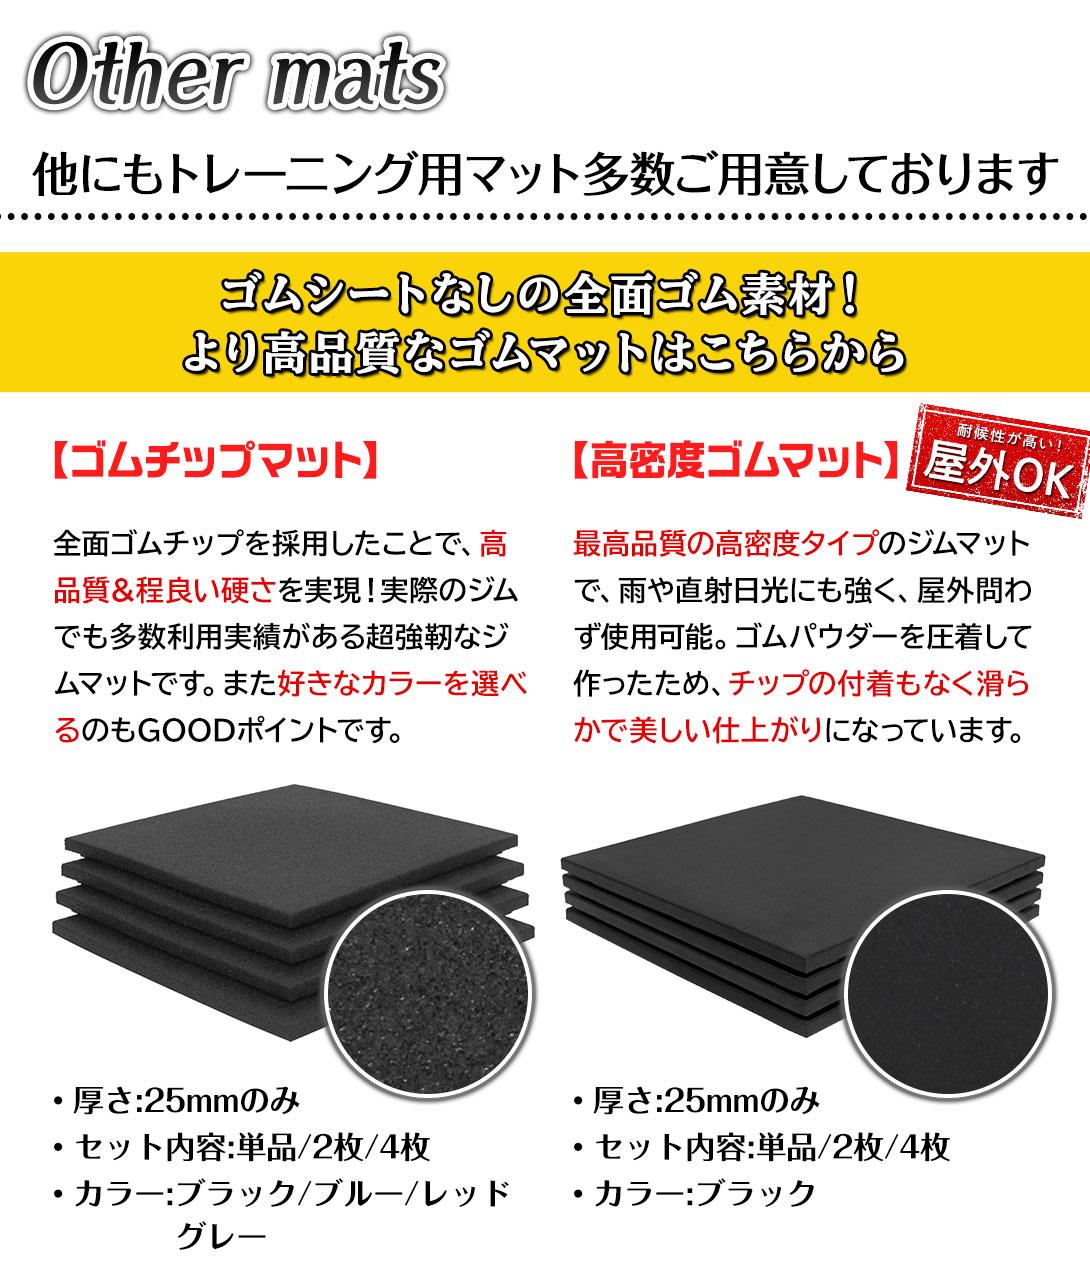 ゴム フロアマット ジム マット トレーニング ラバーマット 重量器具 50角 厚さ20mm 4枚セット